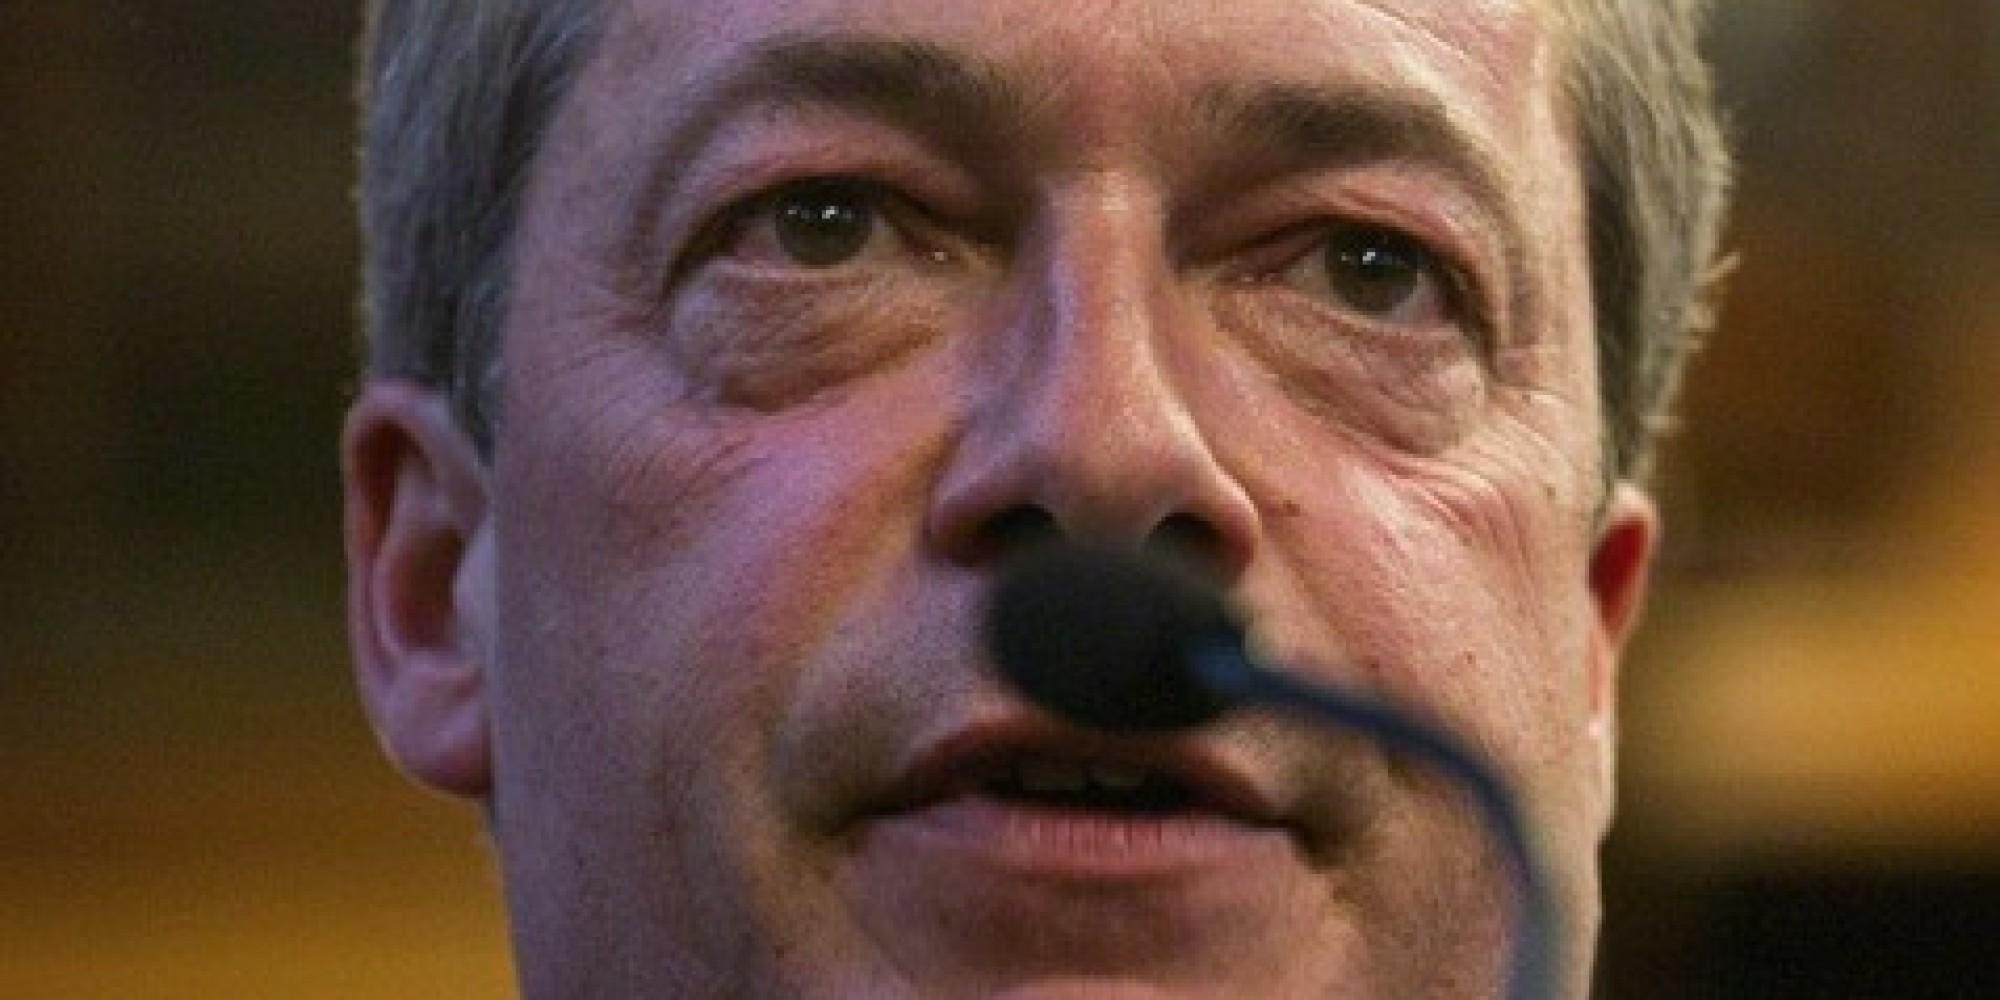 Mustache Styles 2013 Ukip's Nigel Farage Sp...